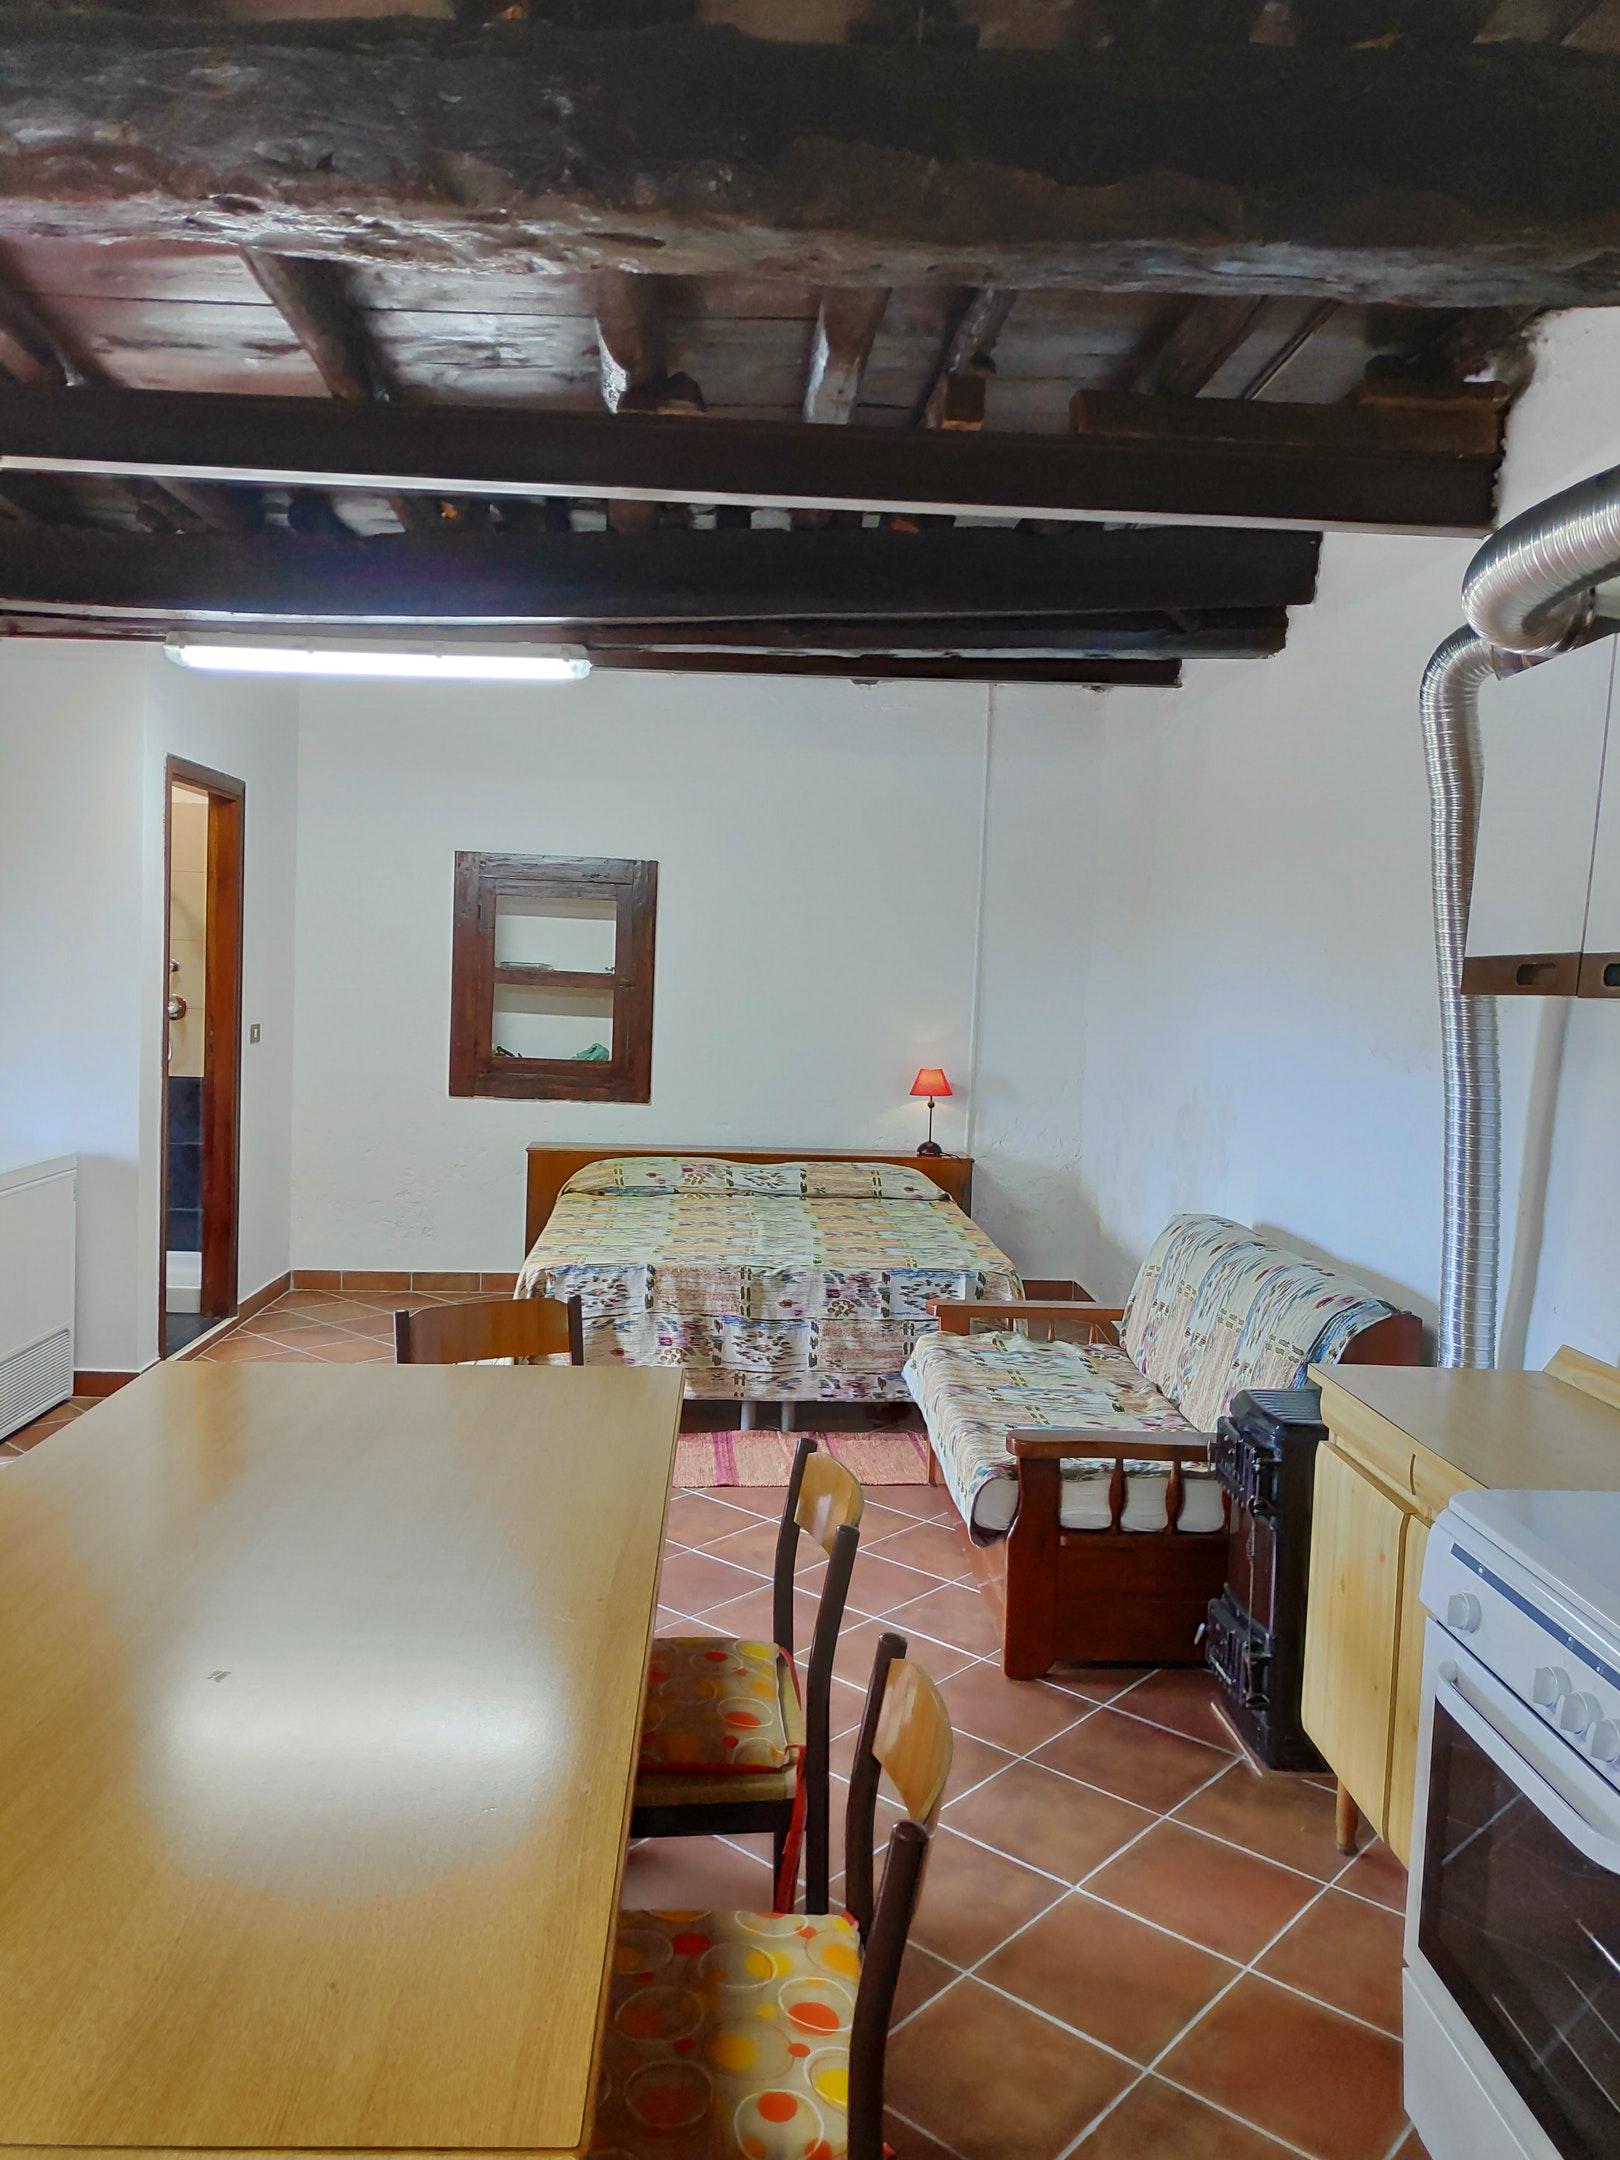 Ferienwohnung Studio in Mongiove mit eingezäuntem Garten - 800 m vom Strand entfernt (2599796), Patti, Messina, Sizilien, Italien, Bild 10